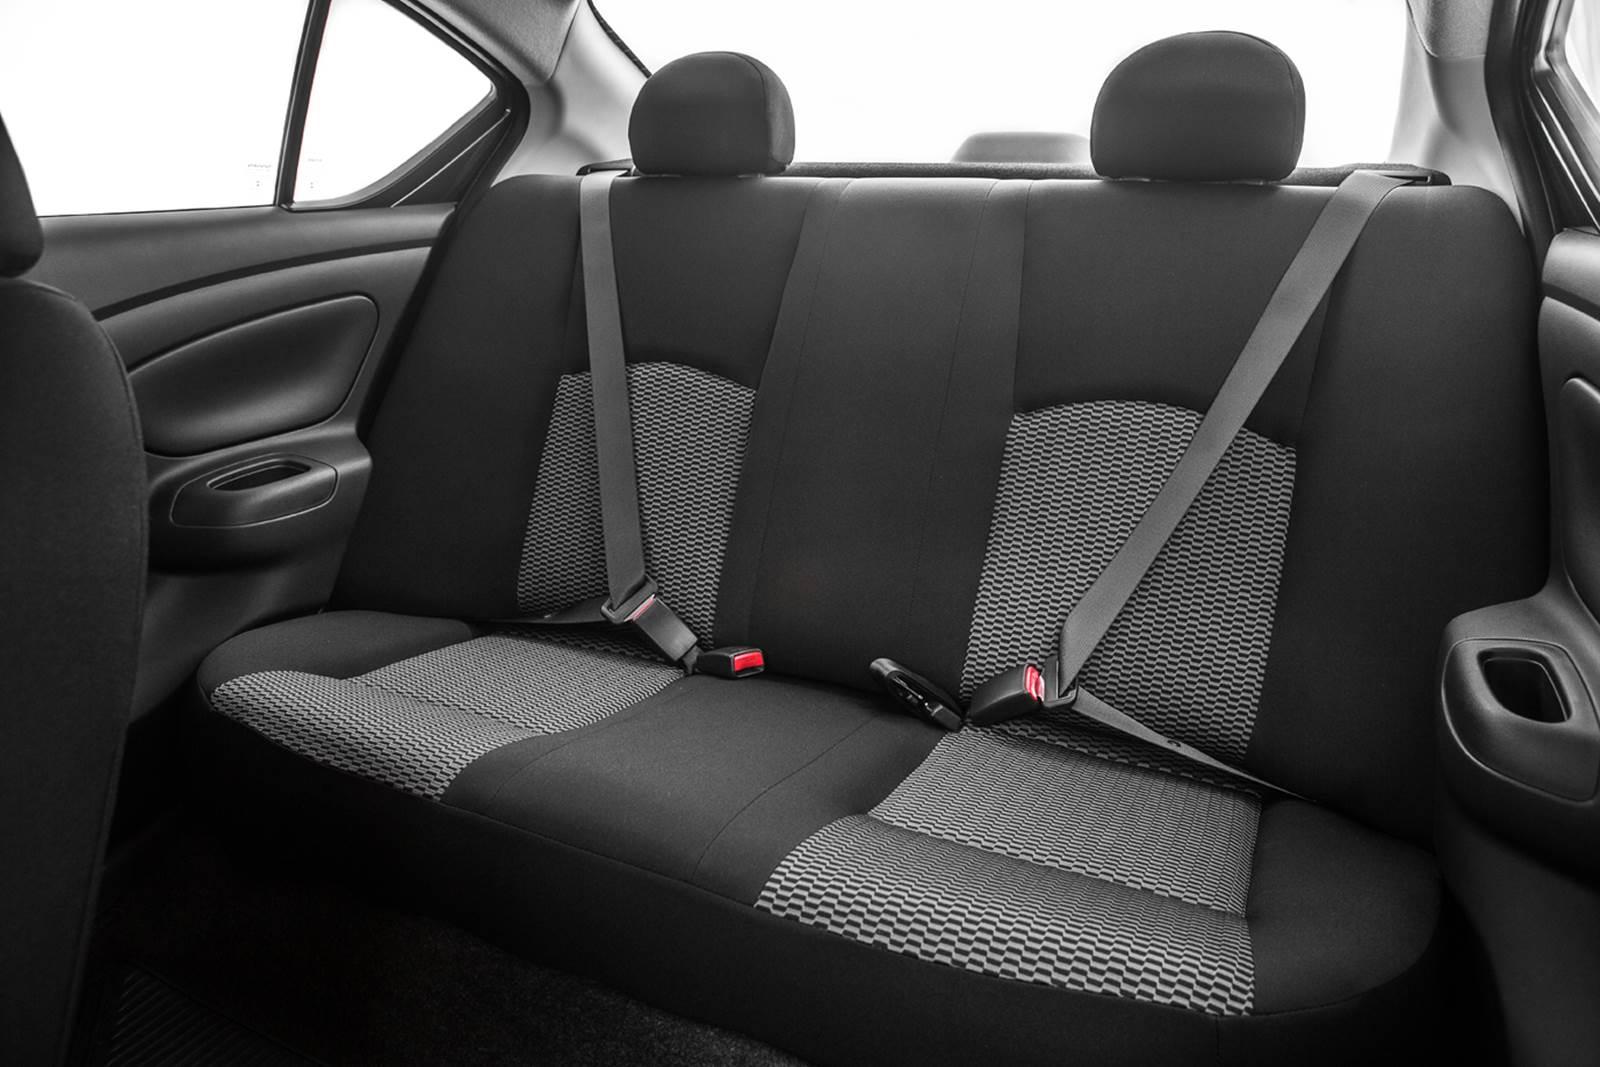 Novo Nissan Versa 2015 - espaço traseiro